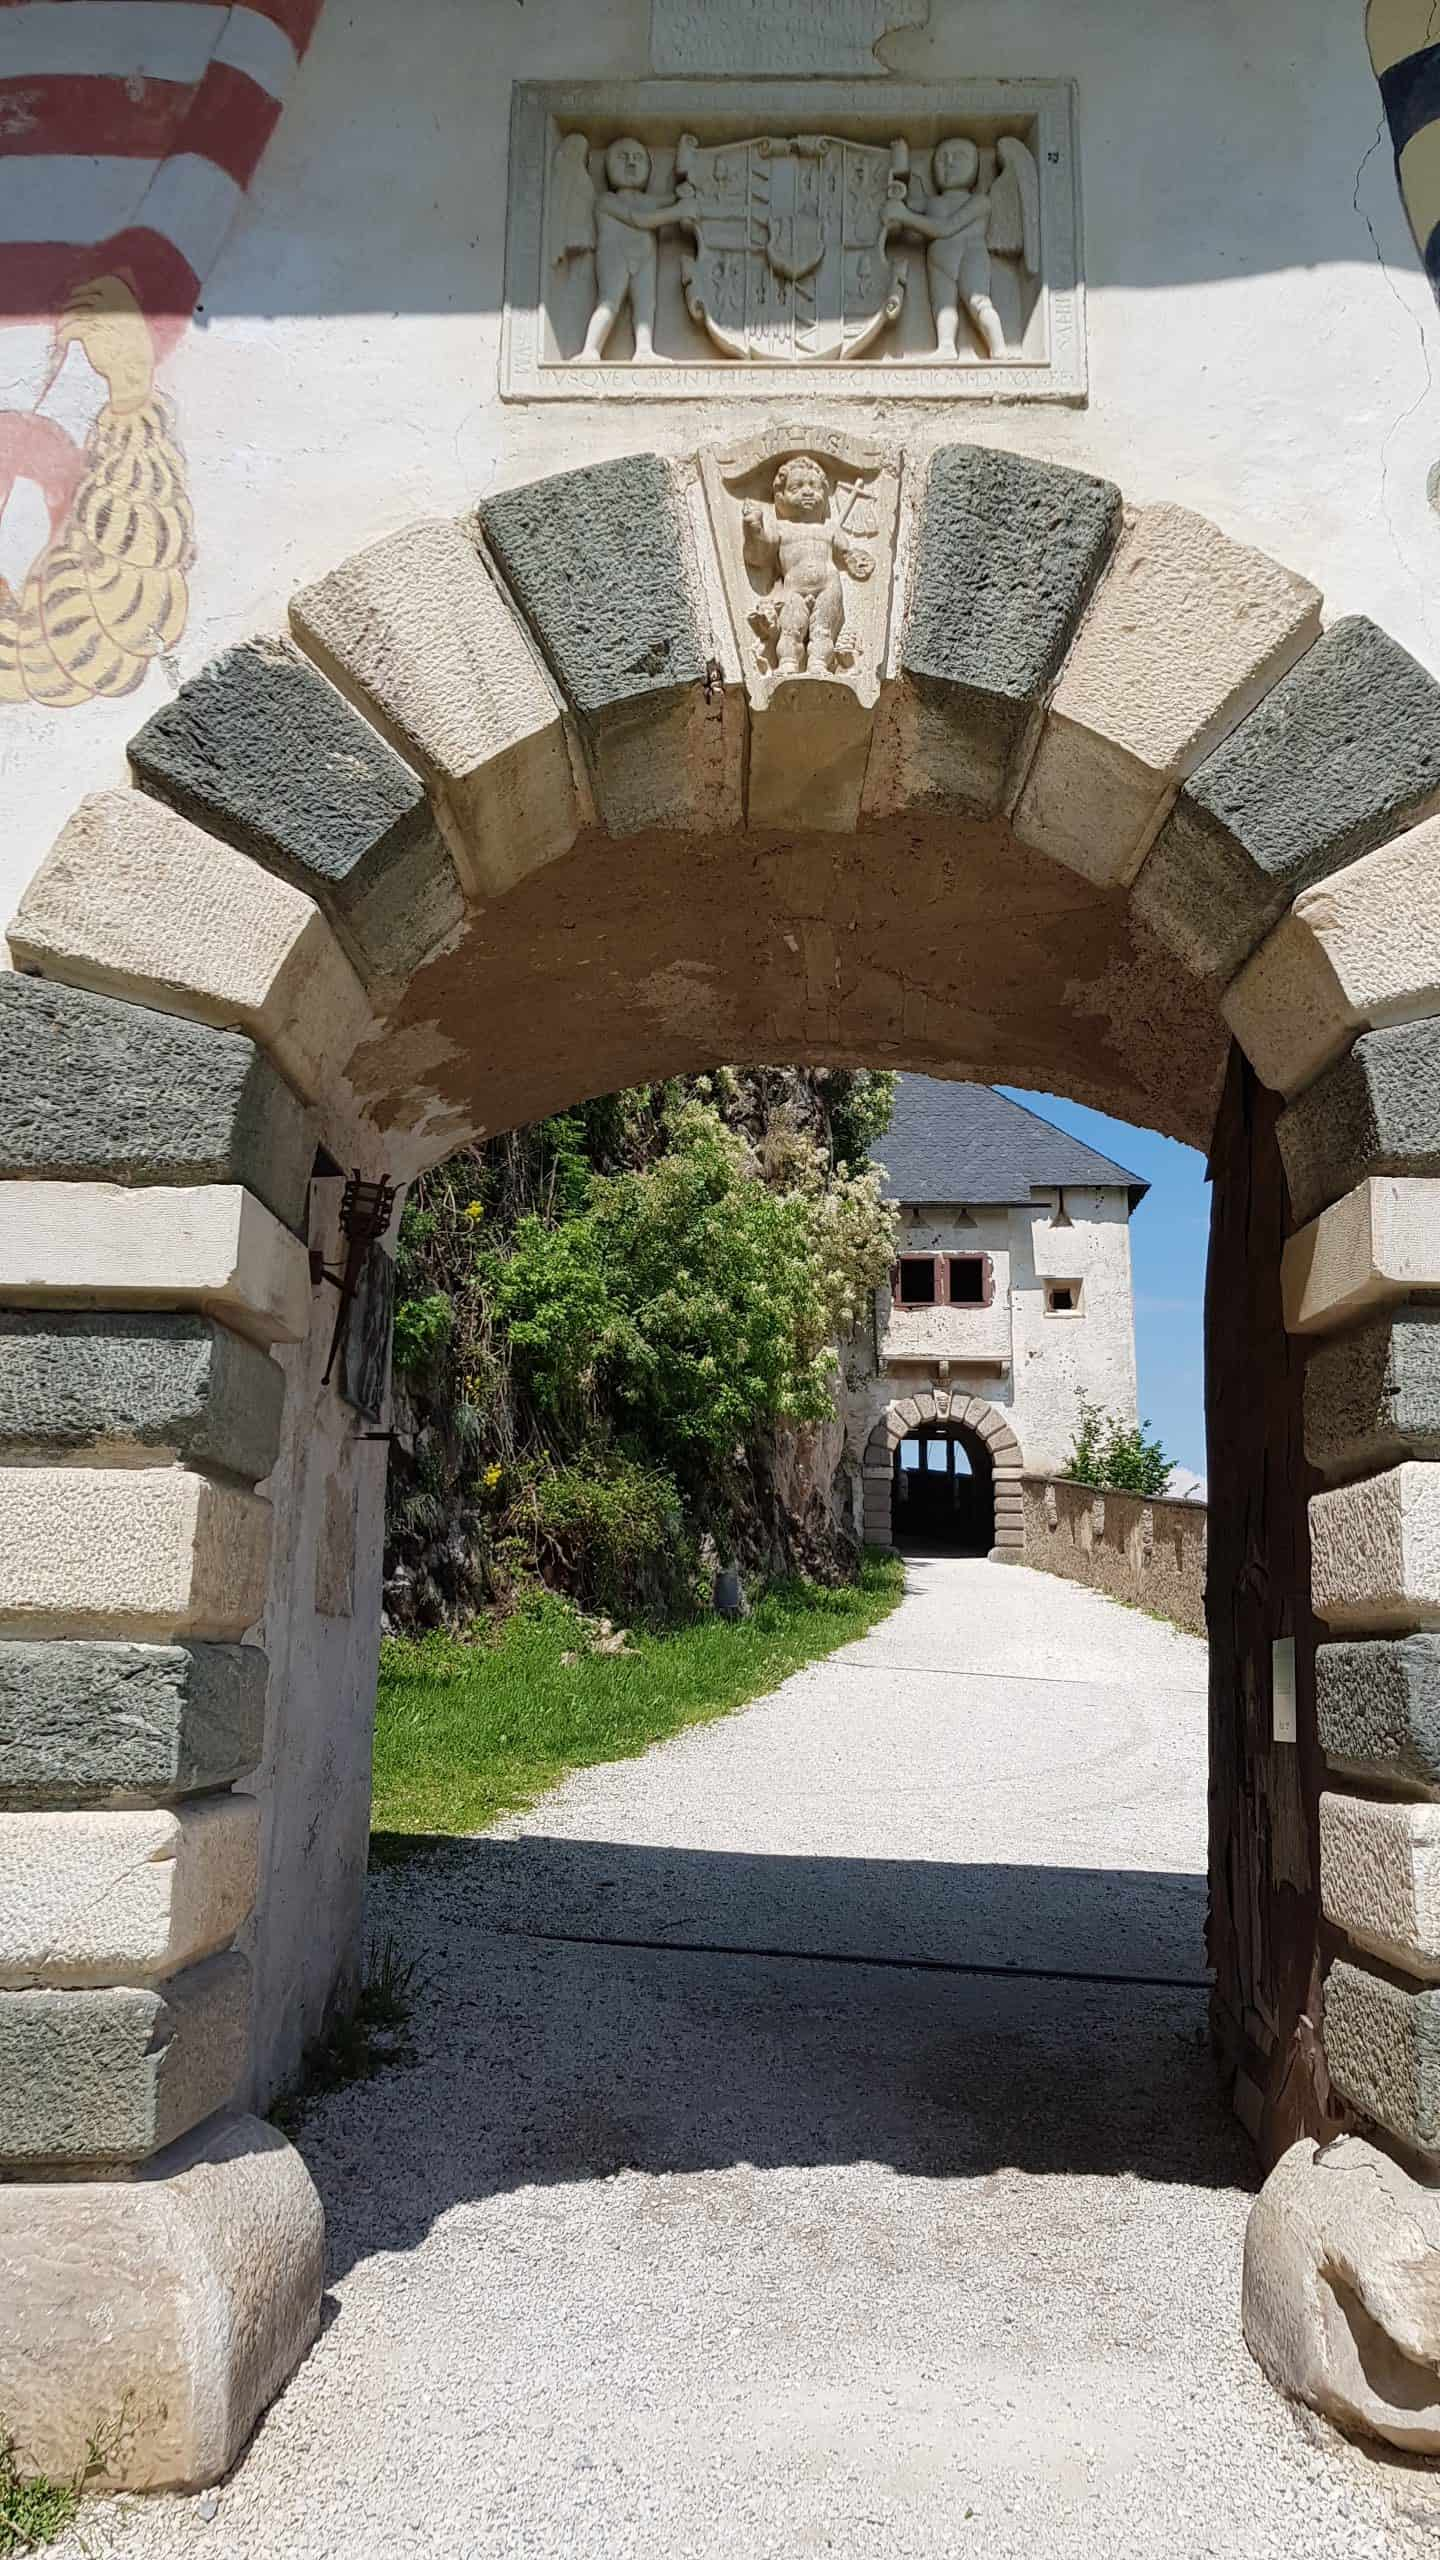 Fähnrichtor. 1. Tor Burg Hochosterwitz - Sehenswürdigkeit & Ausflugsziel in Österreich.